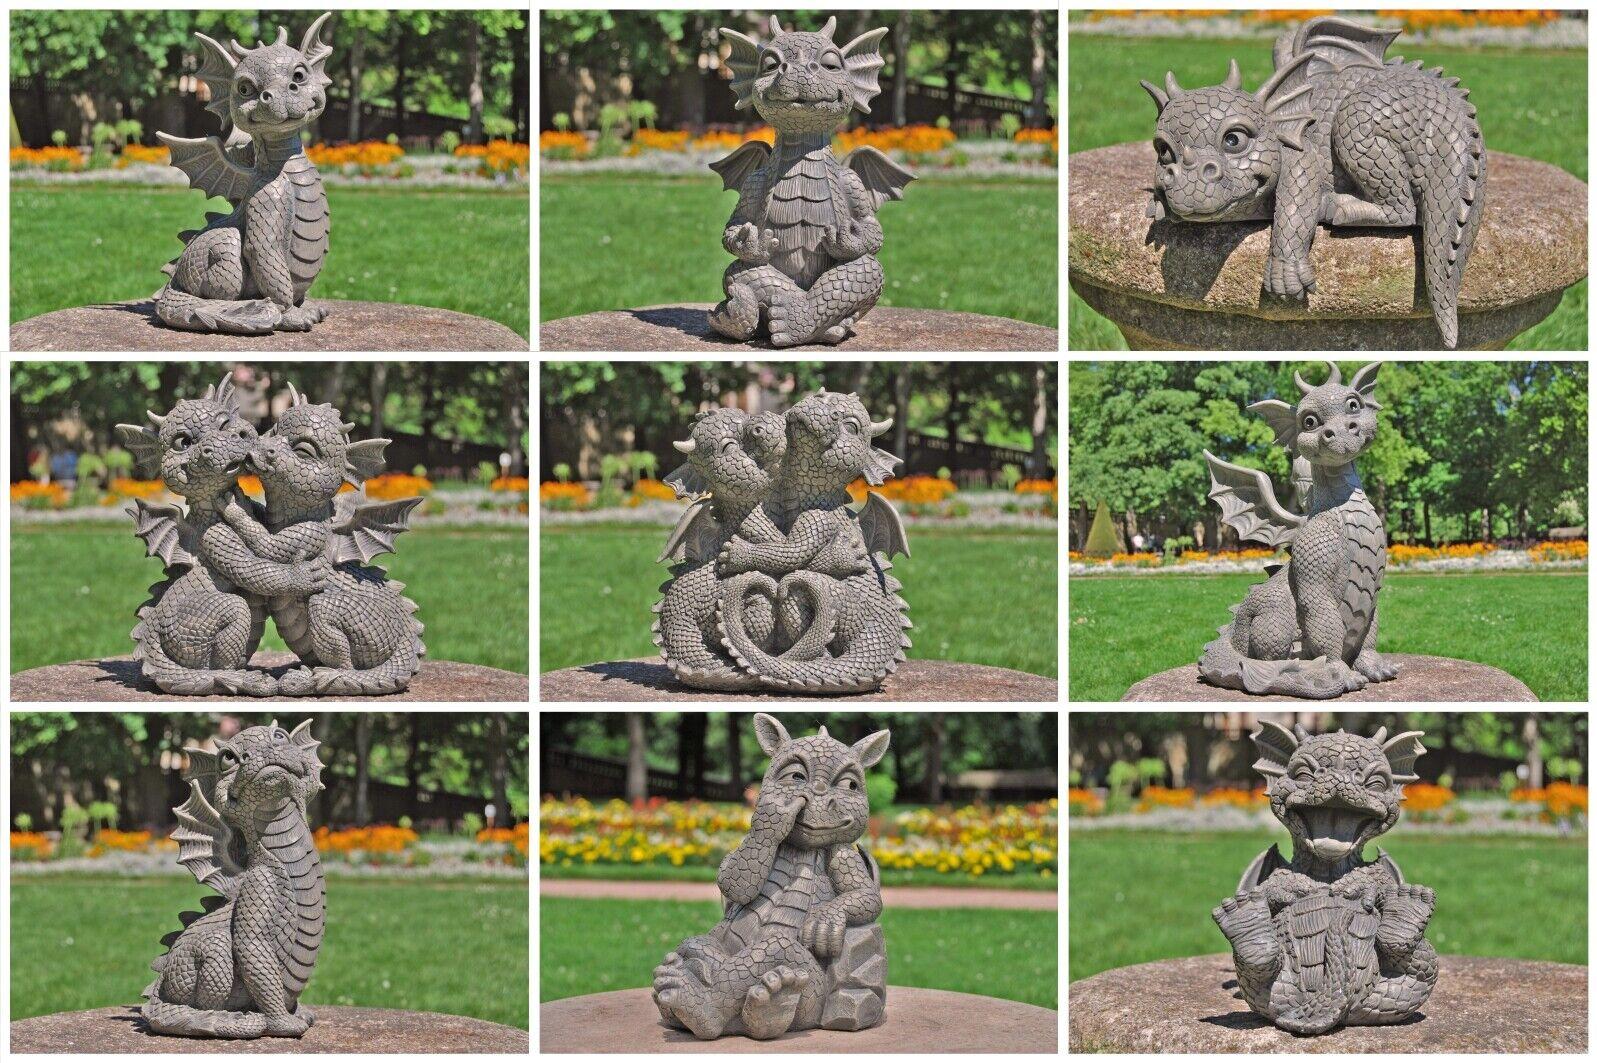 Gartendrachen - Drache Drachen Dekofigur Gartenfigur Dekofiguren Gartenfiguren 1